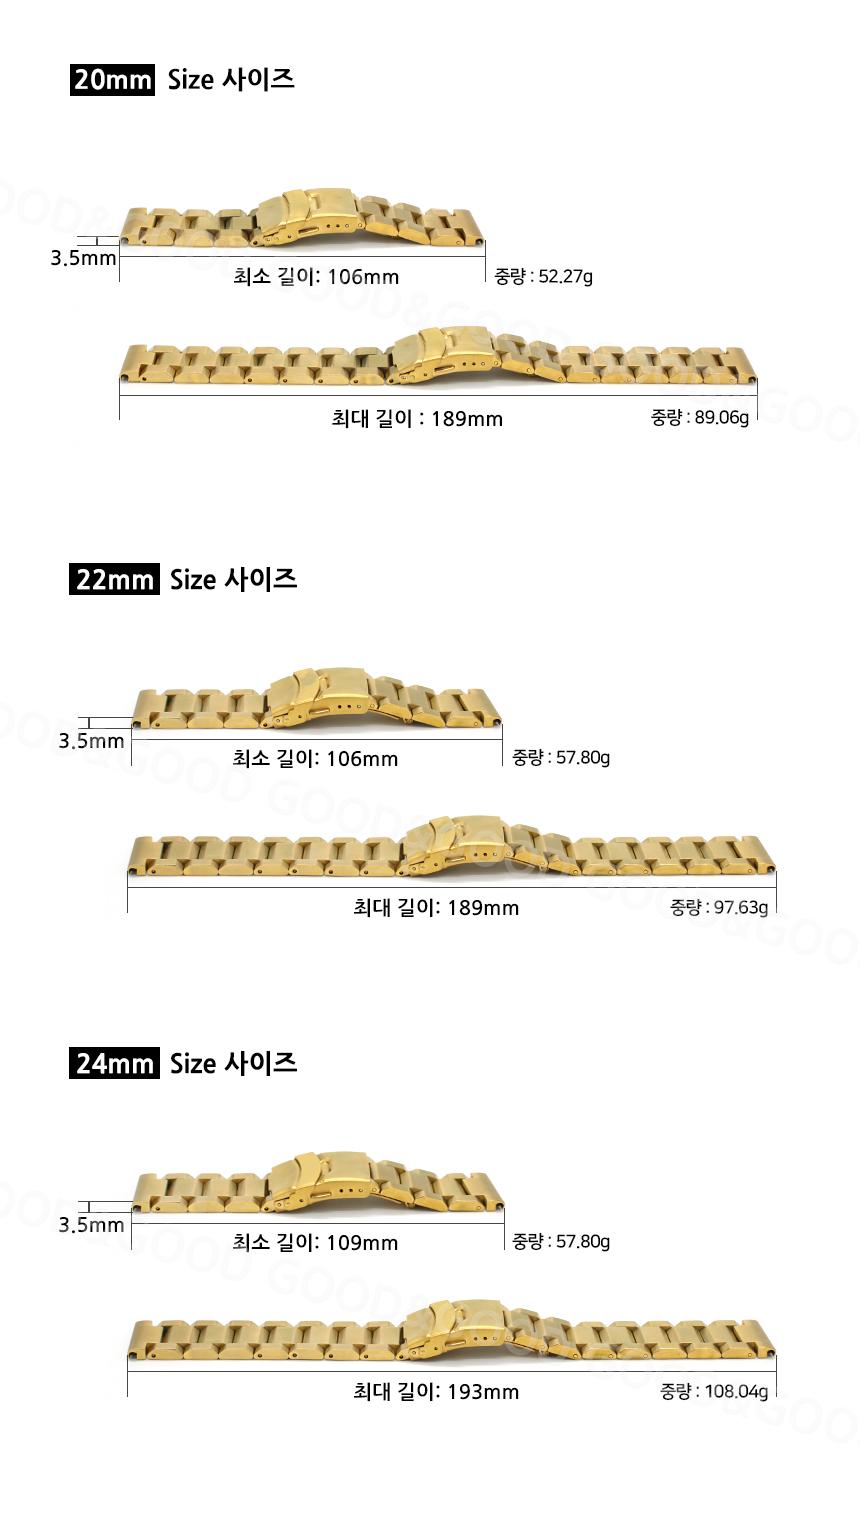 사이즈는 20mm 22mm 두가지 이며 20mm의 최대길이 189mm 최소길이 106mm 22mm의 최대길이 189mm 최소길이는 106mm입니다.